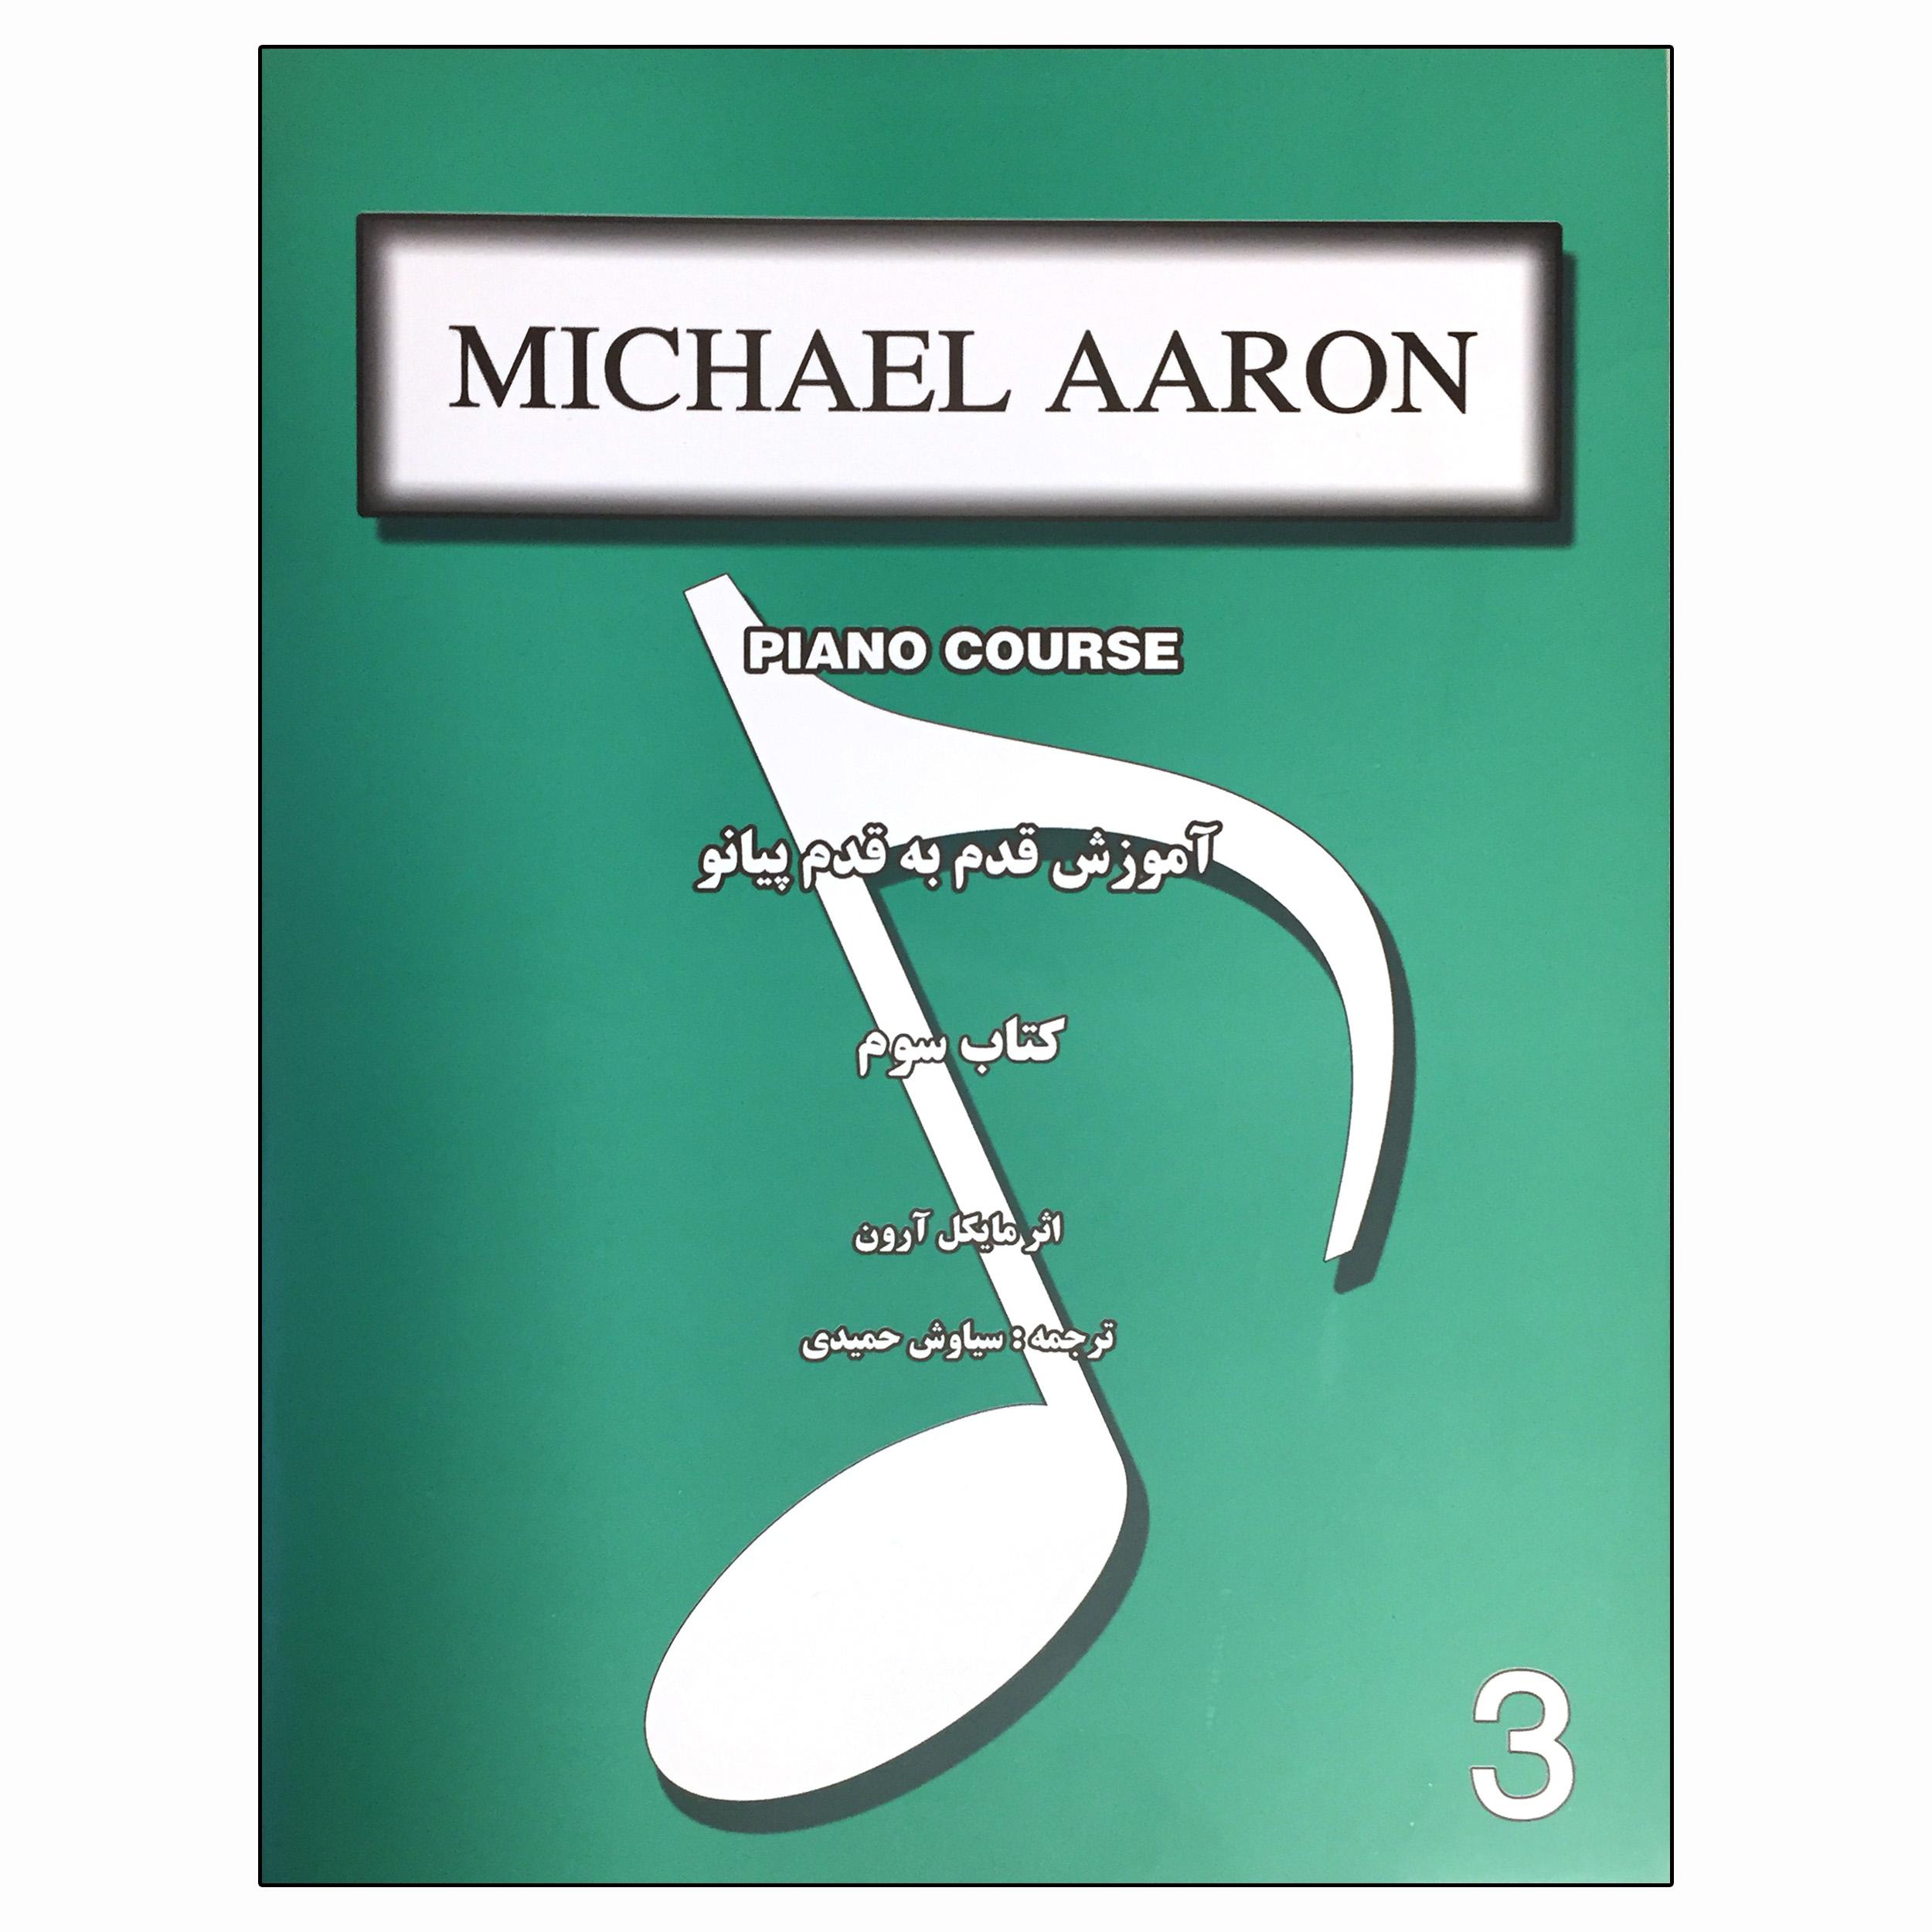 خرید                      کتاب آموزش قدم به قدم پیانو اثر مایکل آرون انتشارات کتاب نارون جلد 3